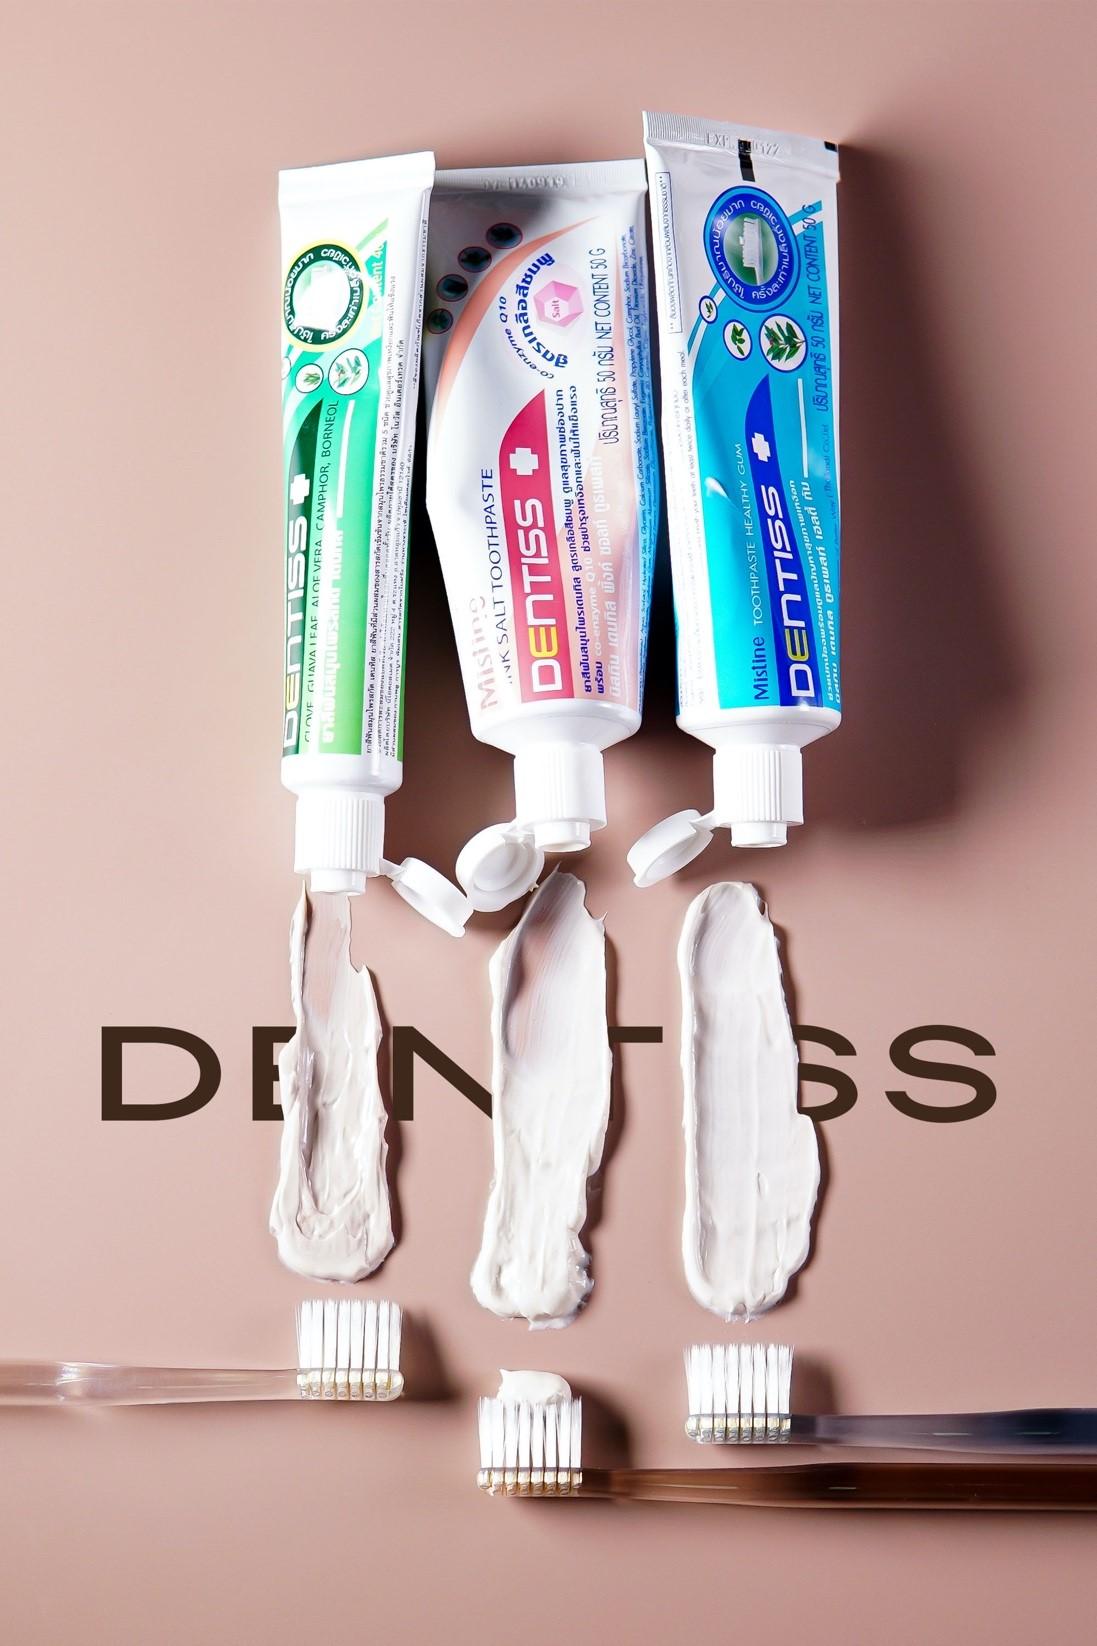 DentissTALACH